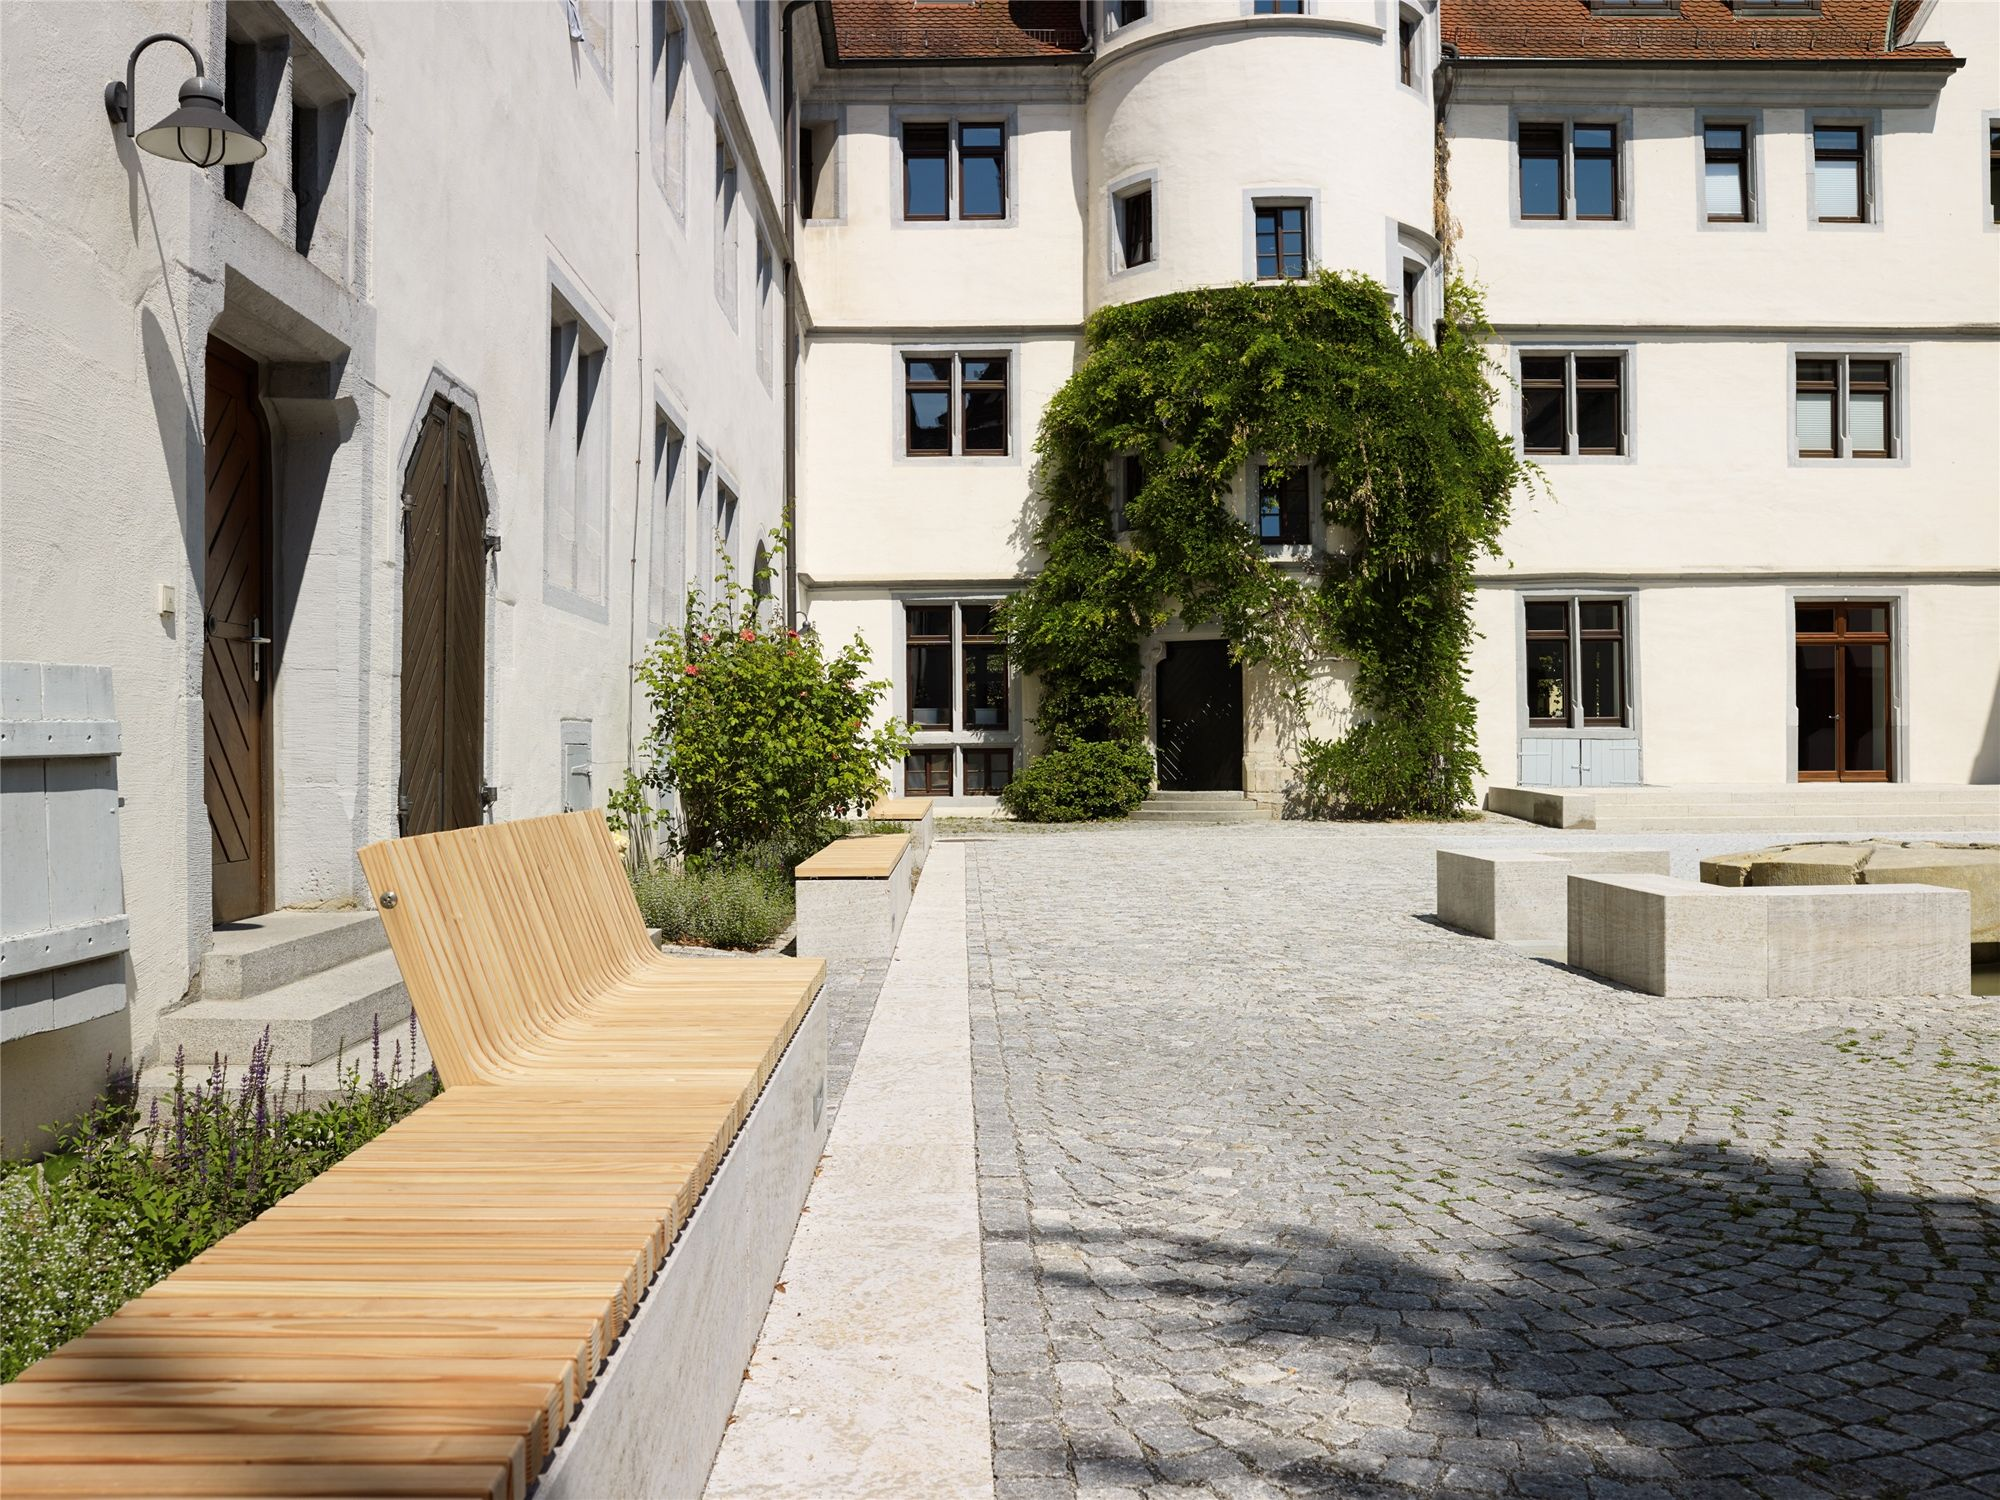 Kiel Architekten auszeichnung um und ausbau wilhelmsstift theologenkonvikt kiel